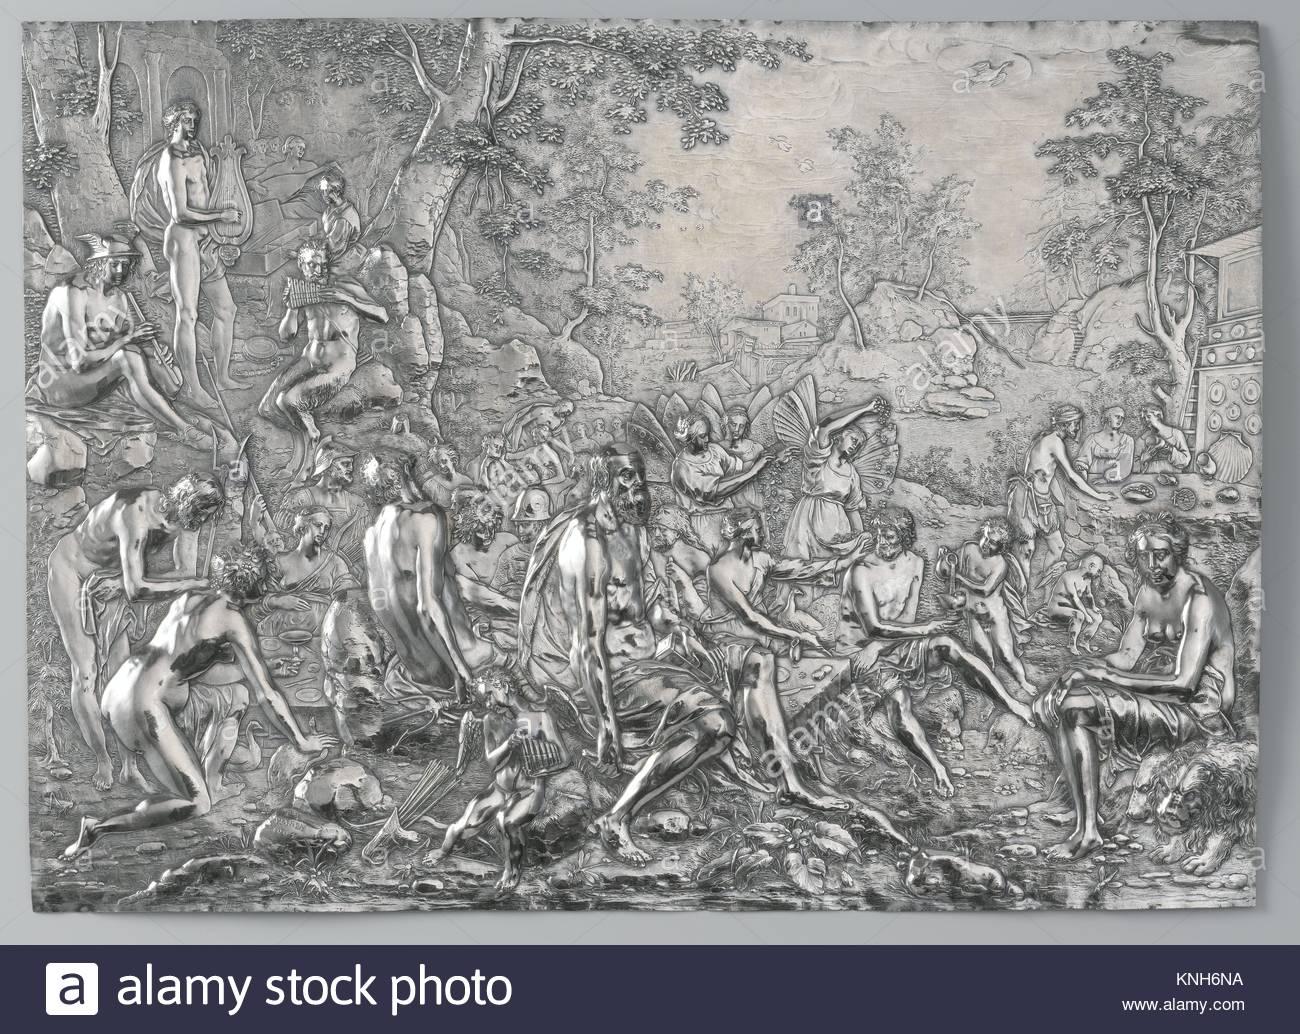 The Feast of the Gods Paulus Willemsz. van Vianen, 1604 - Stock Image